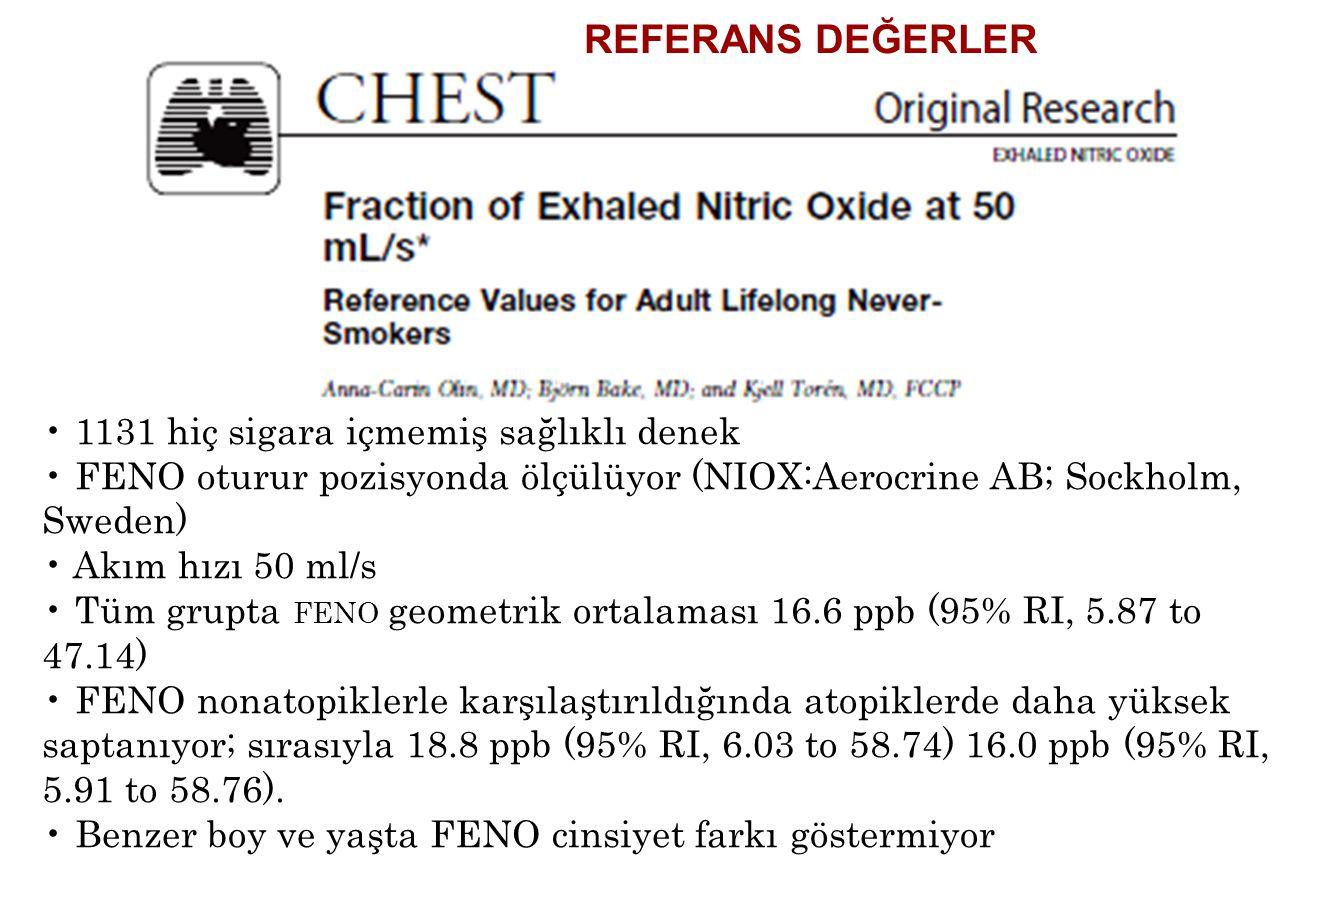 1131 hiç sigara içmemiş sağlıklı denek FENO oturur pozisyonda ölçülüyor (NIOX:Aerocrine AB; Sockholm, Sweden) Akım hızı 50 ml/s Tüm grupta FENO geomet